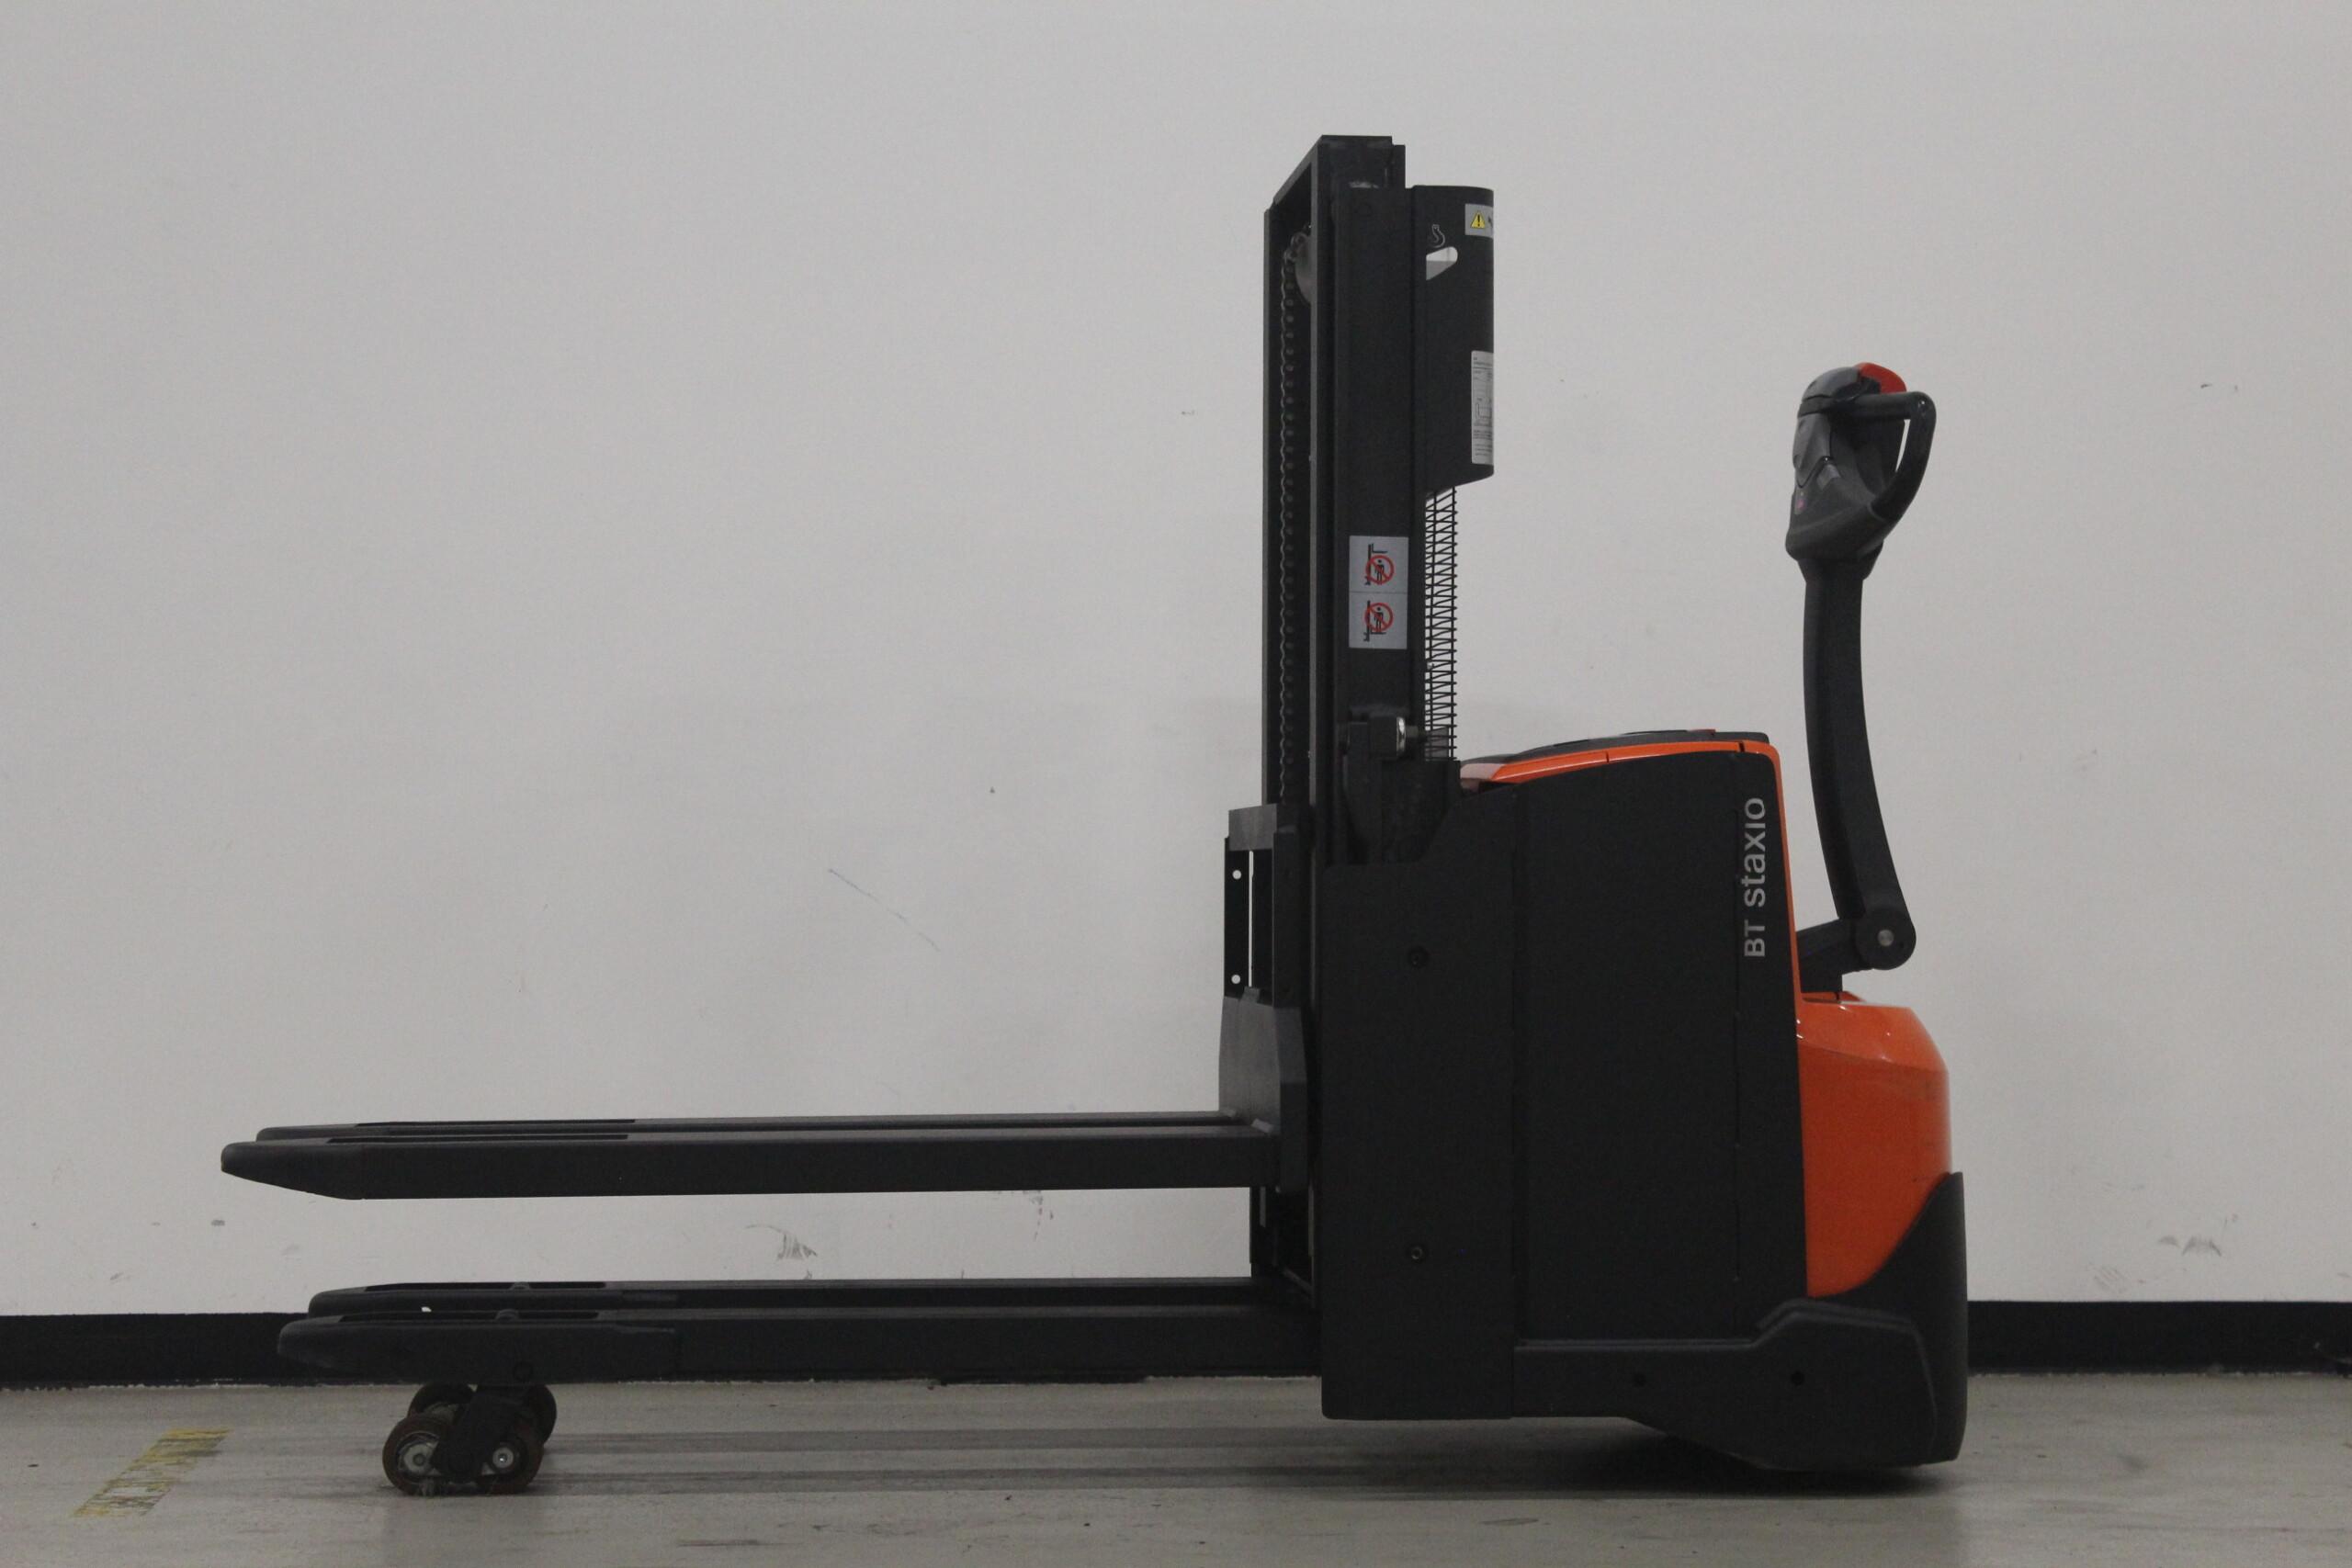 Toyota-Gabelstapler-59840 1610088309 1 26 scaled